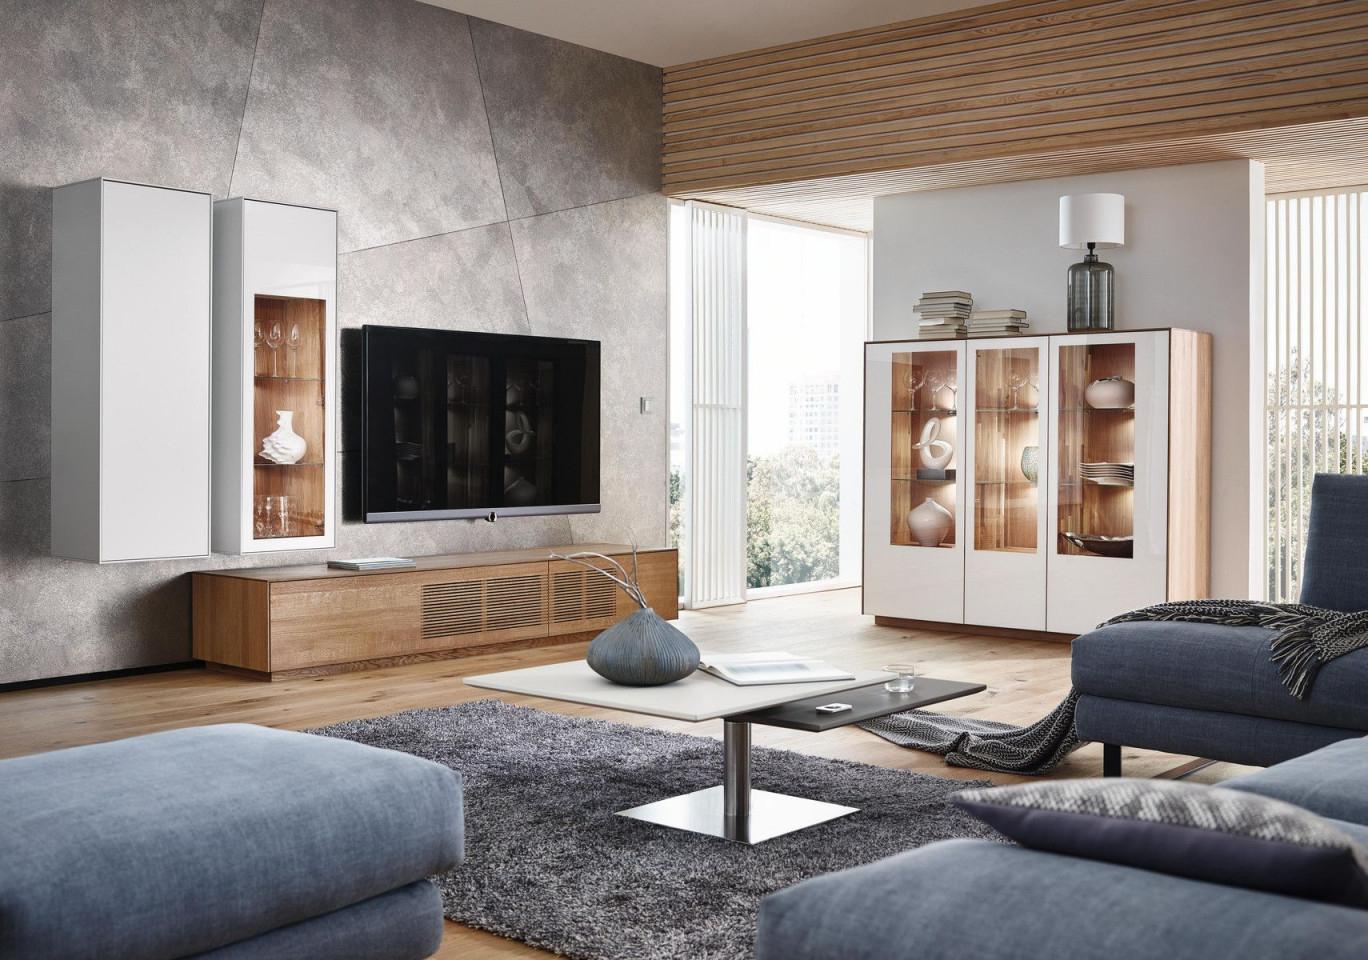 Moderne Wohnzimmermöbel – Designermöbel Für Ihr Wohnzimmer von Moderne Holzmöbel Wohnzimmer Bild